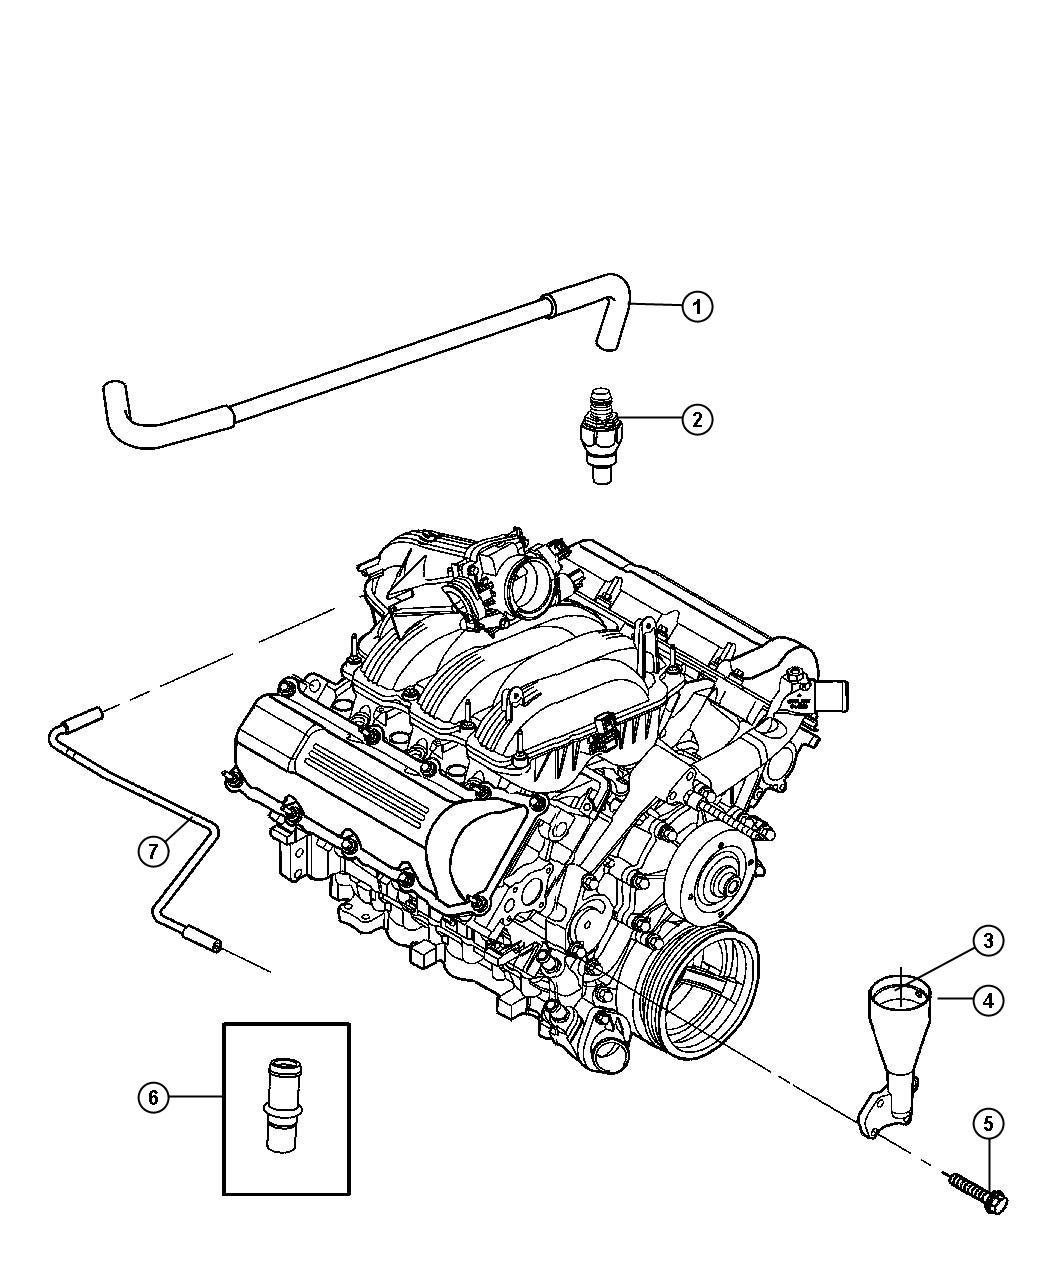 V8 Engine Parts